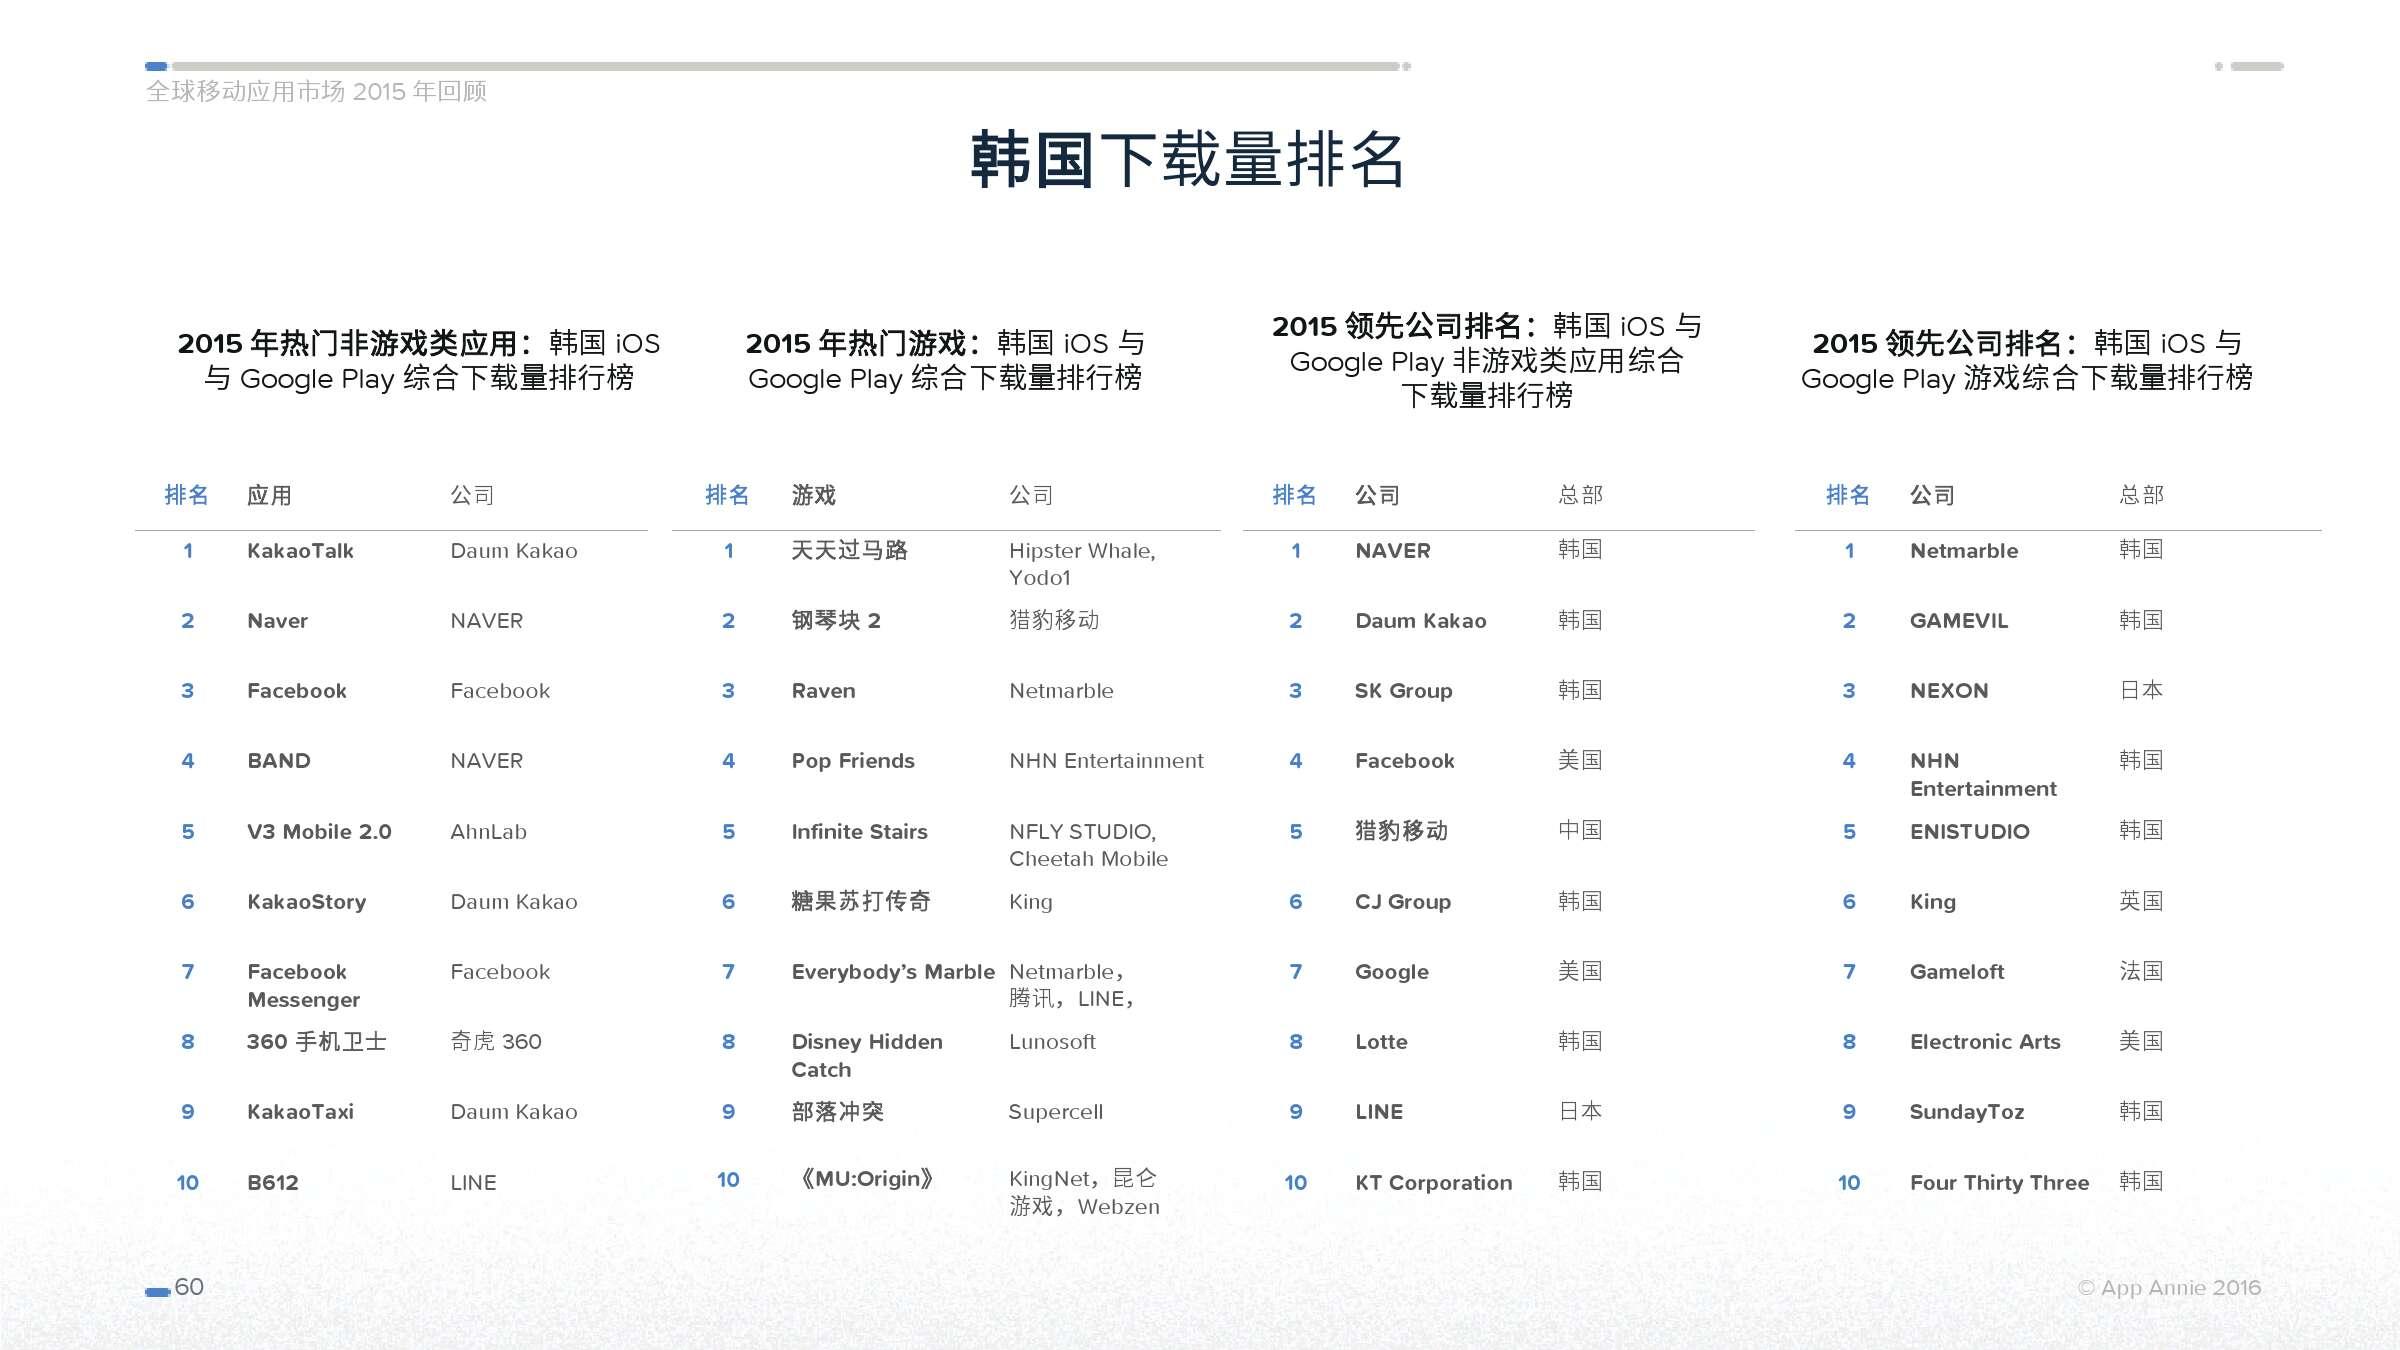 App Annie 全球移动应用市场 2015 年回顾_000060